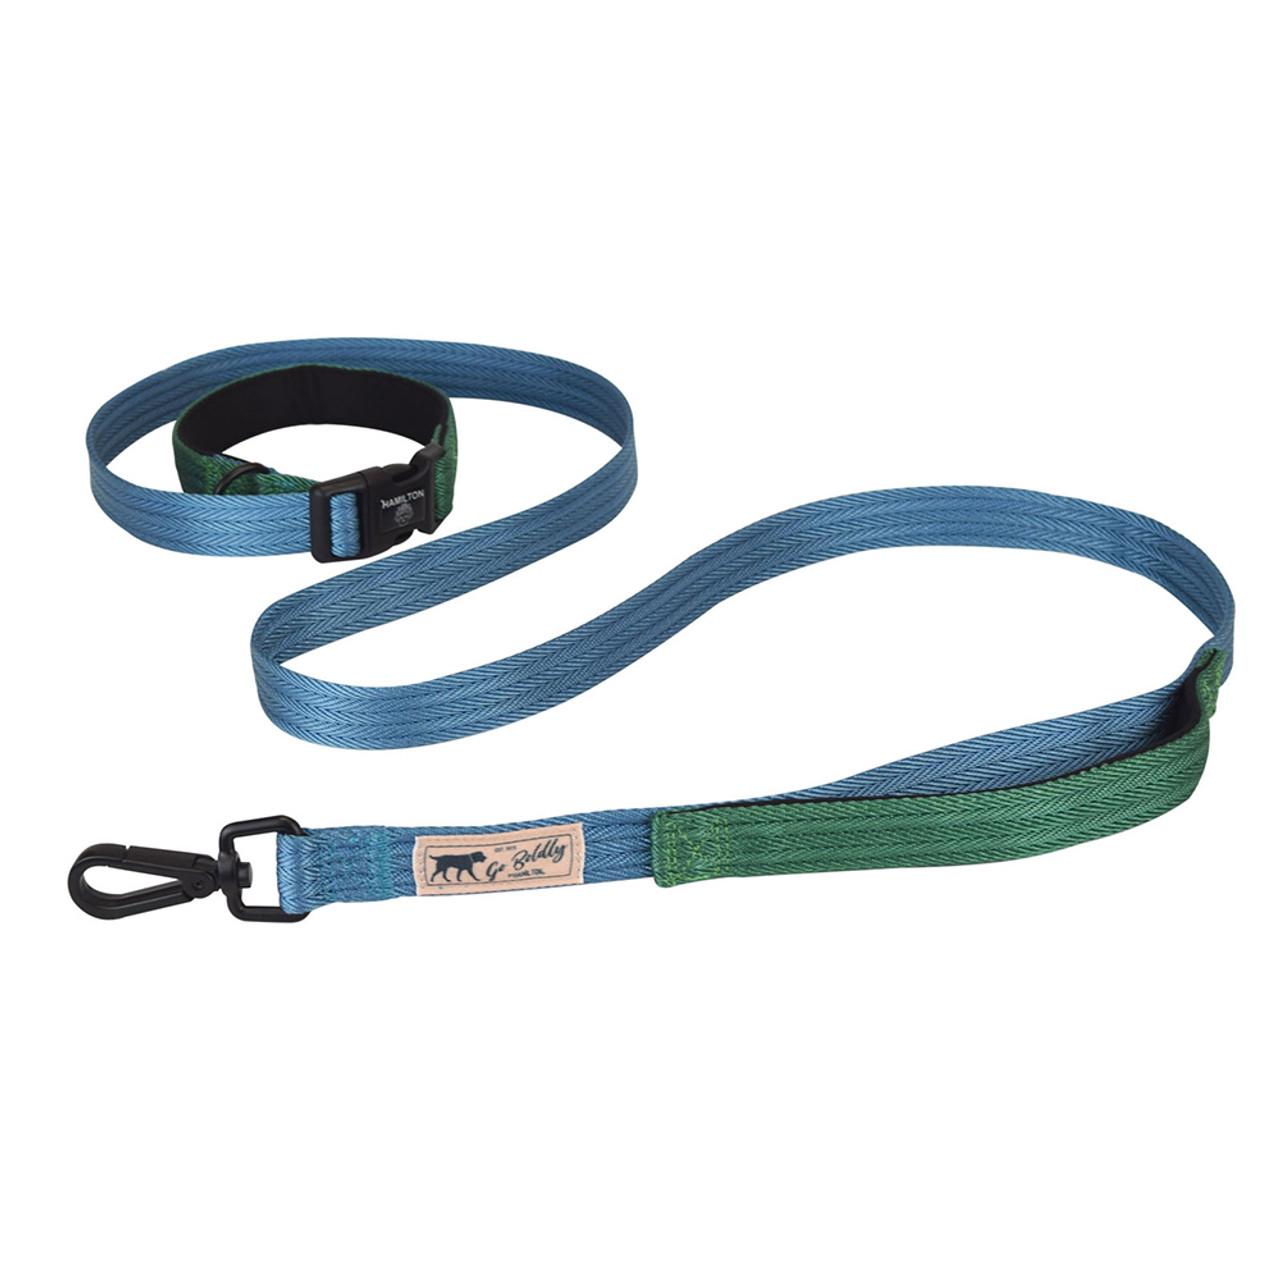 Hamilton Go Boldly Ocean & Green Dog Leash